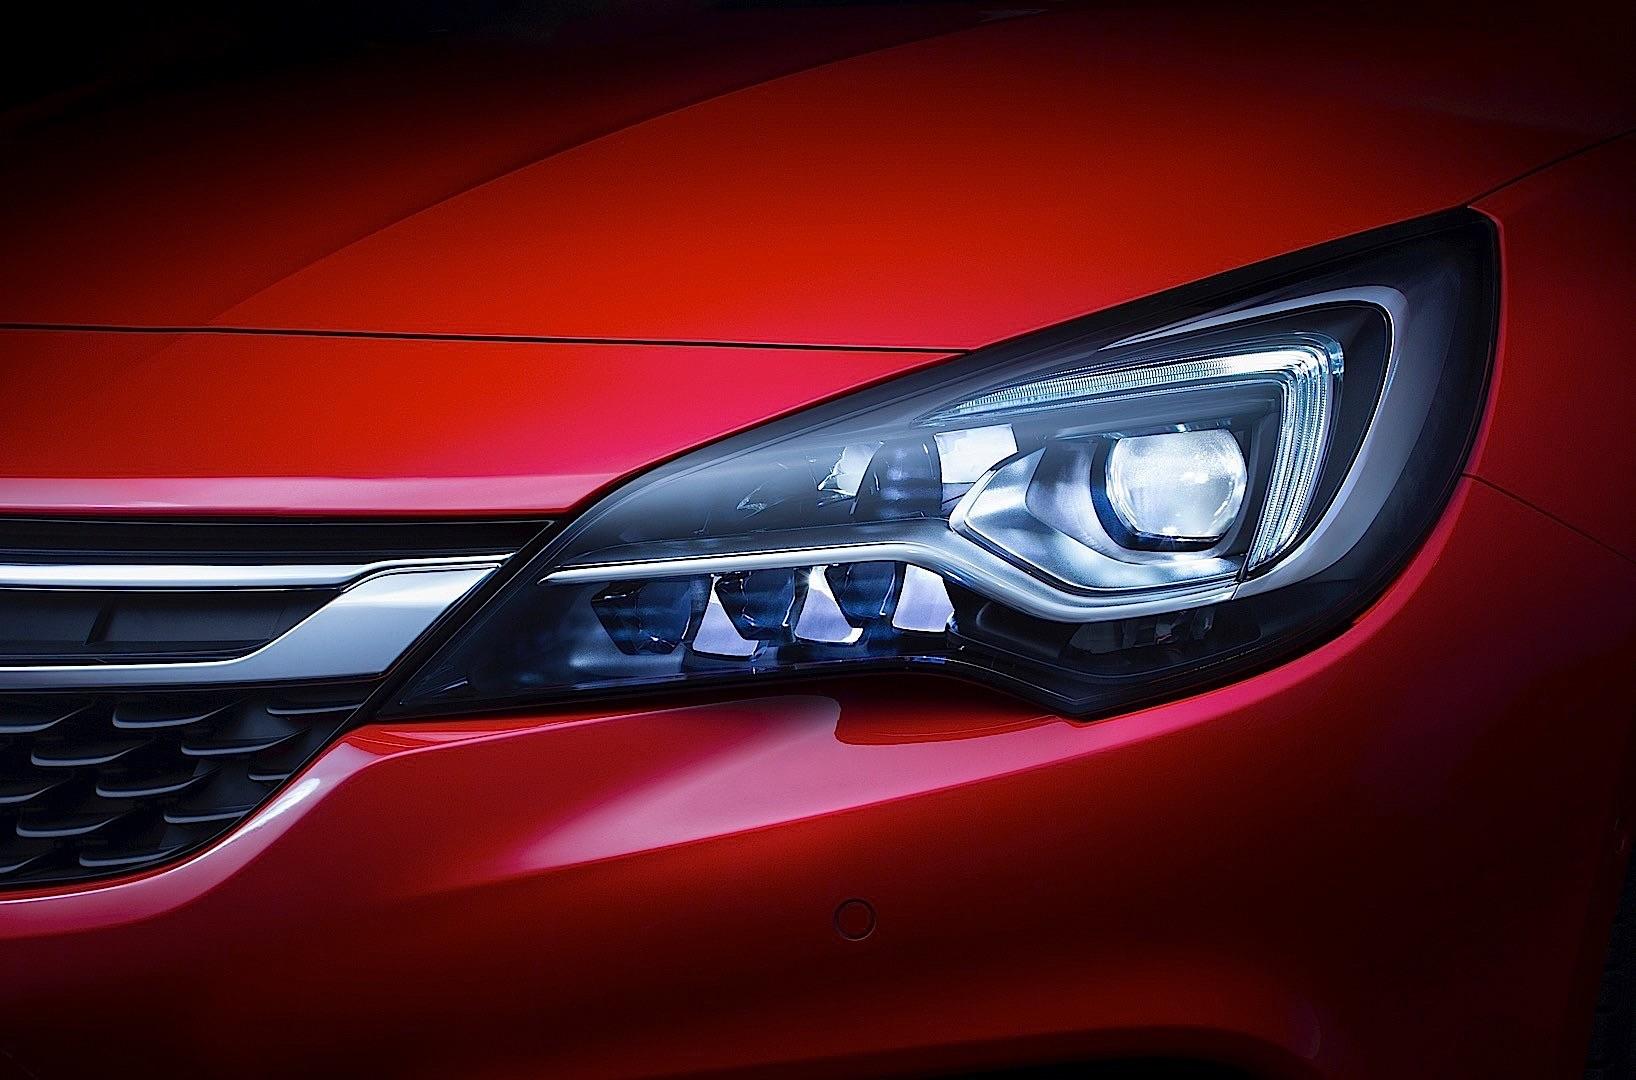 The blueprints com vector drawing opel astra k 5 door -  Opel Astra K